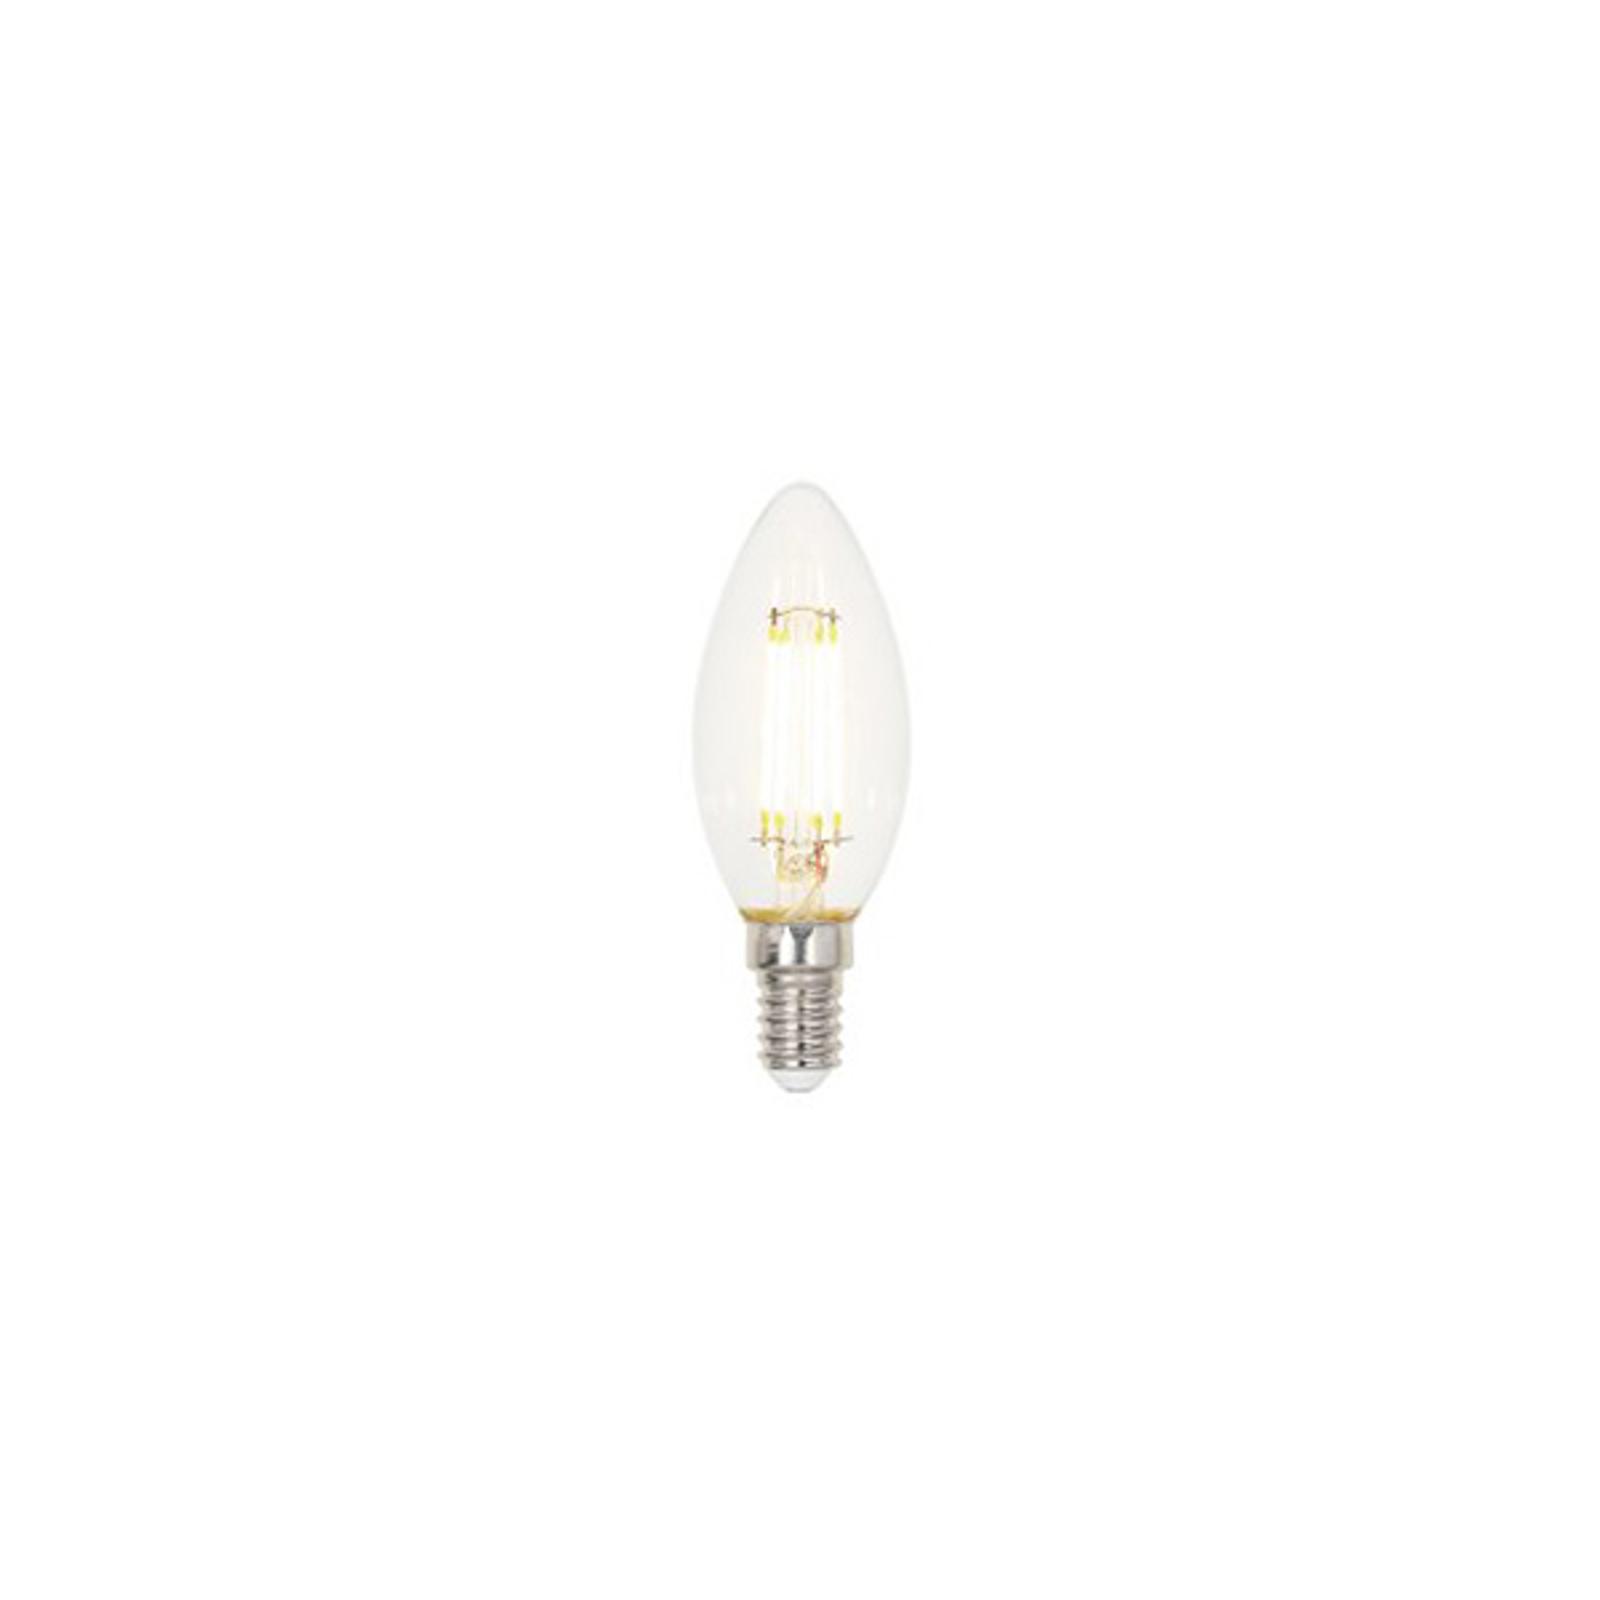 Westinghouse LED-pære E14 4,5 W 2700 K dimbar